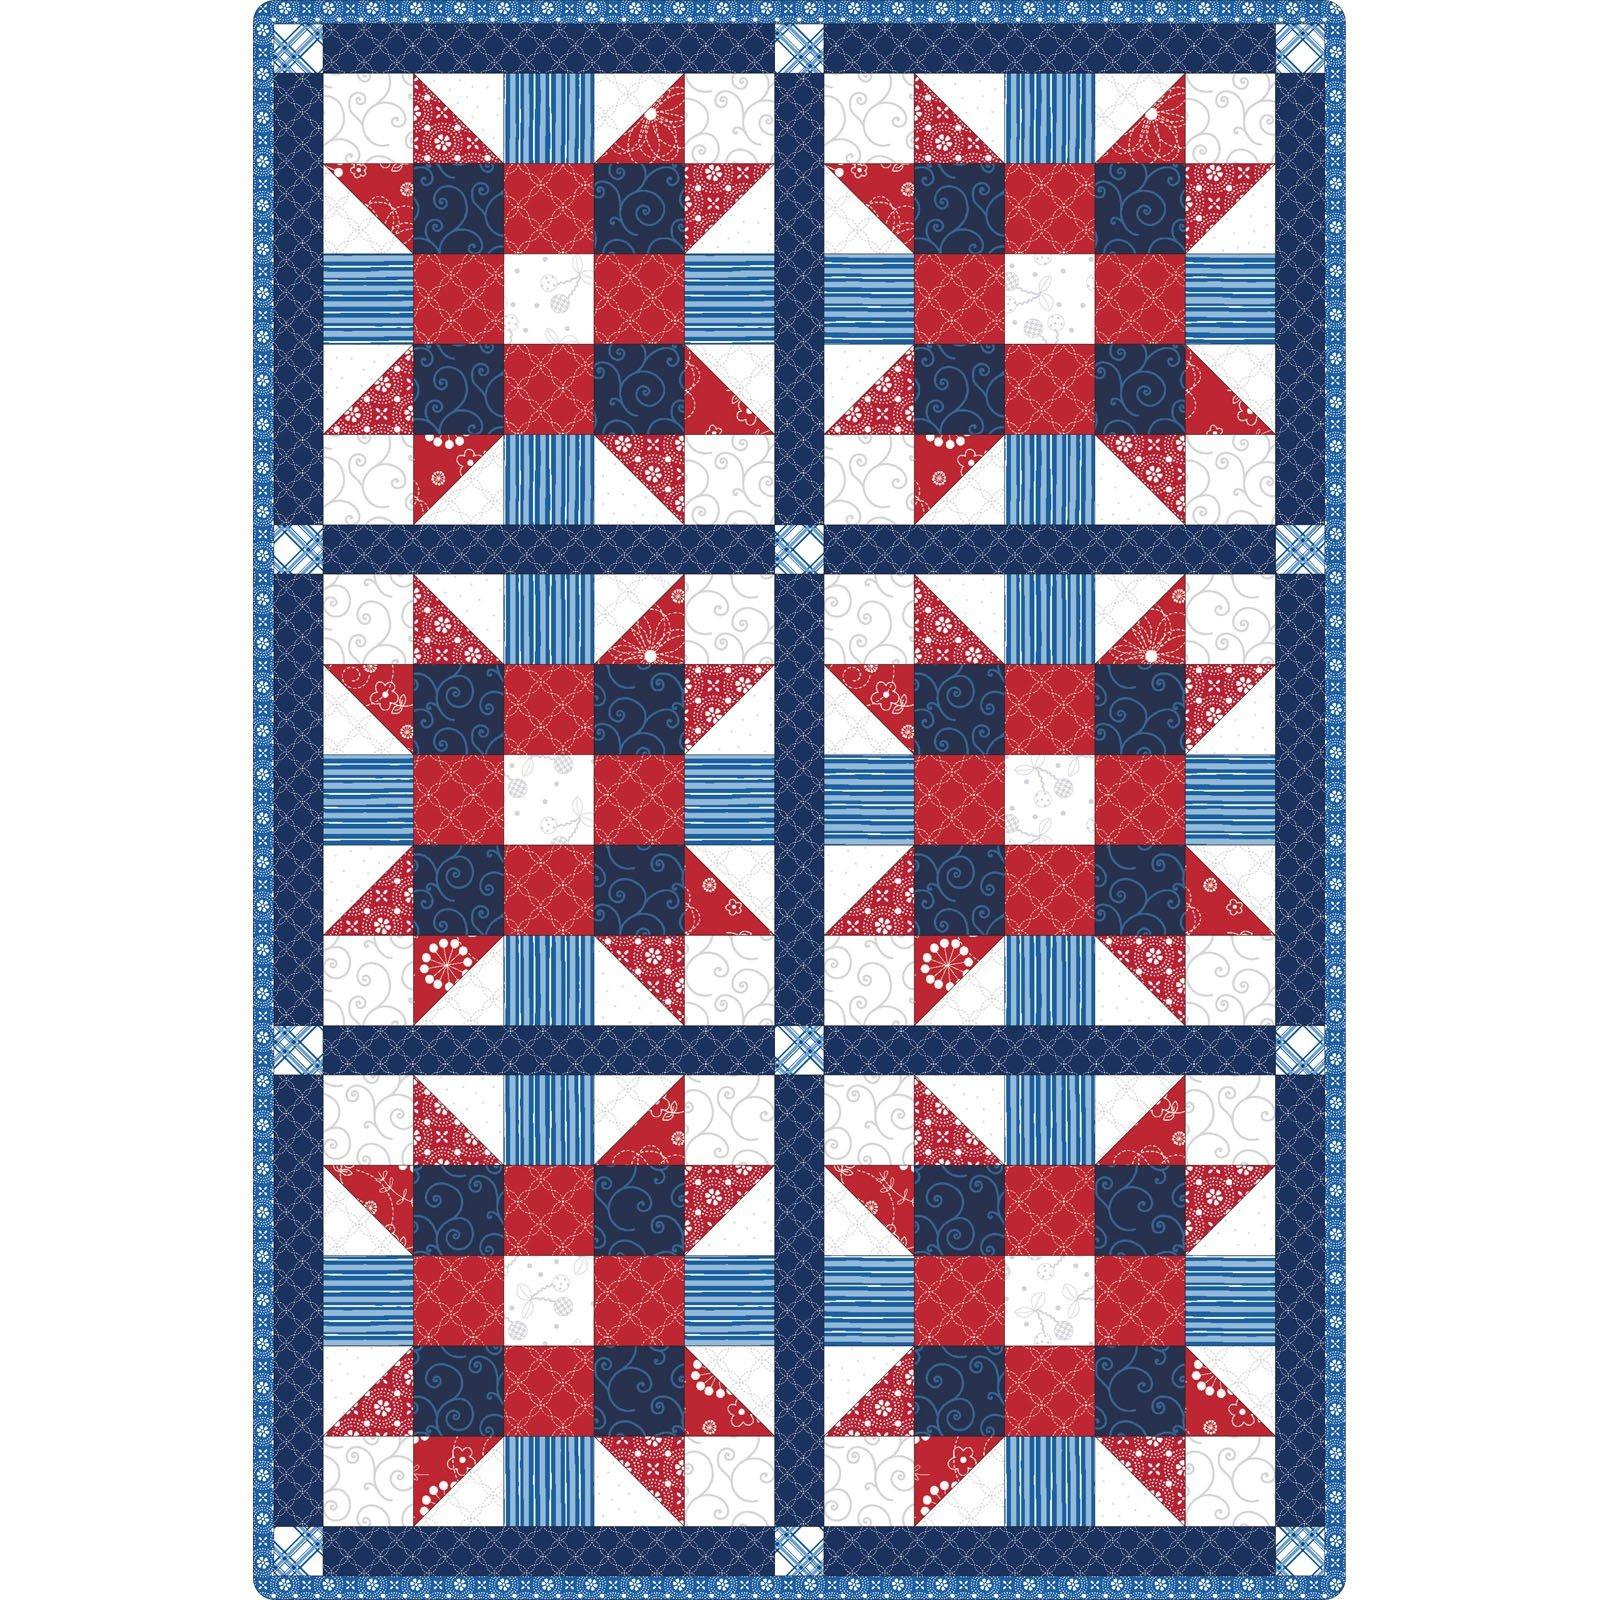 Kimber Bell Basics - Quilt Pod - 6 Block Quilt 32 X 47